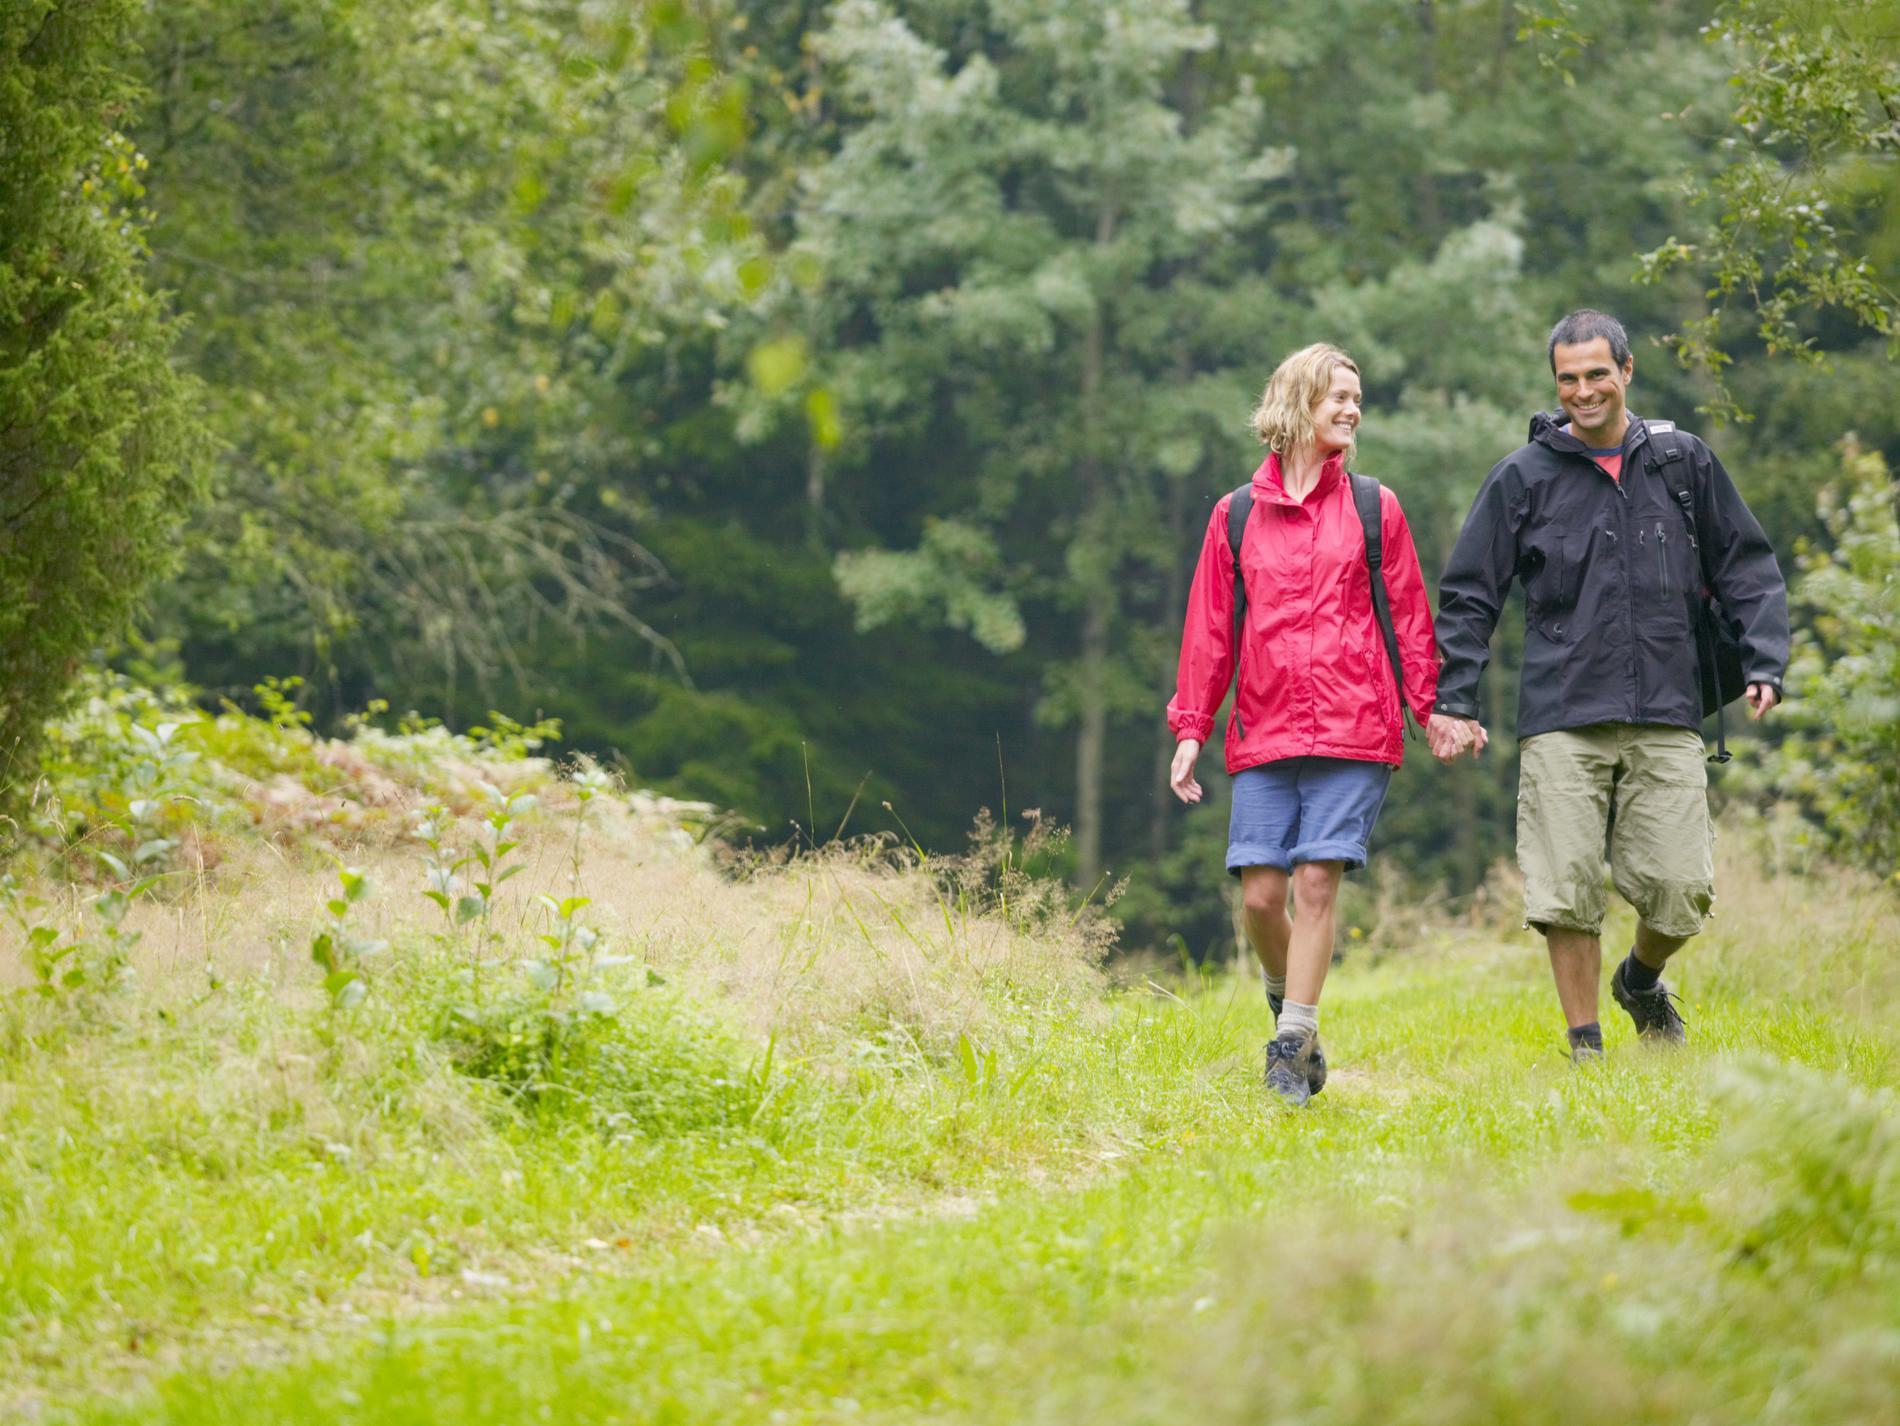 På vandring. Upptäck Sveriges fina naturreservat.